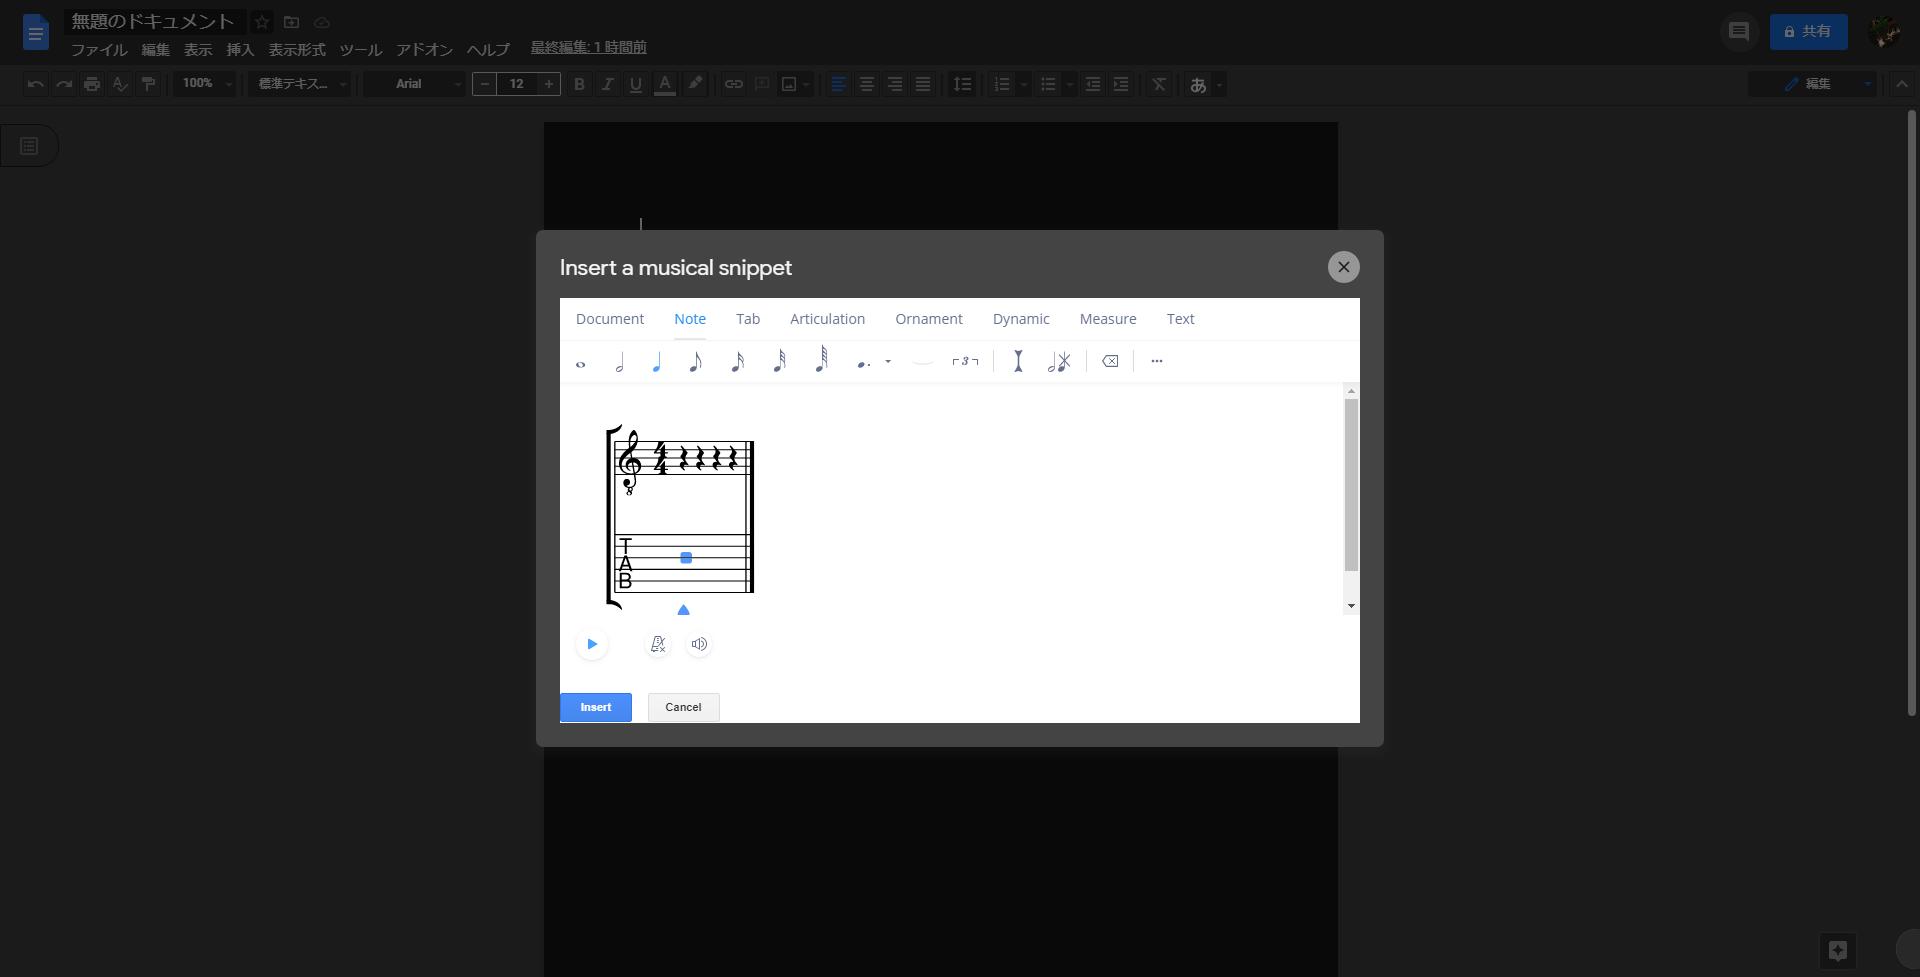 Flat for Docsを起動すると別画面で編集できるようになる。